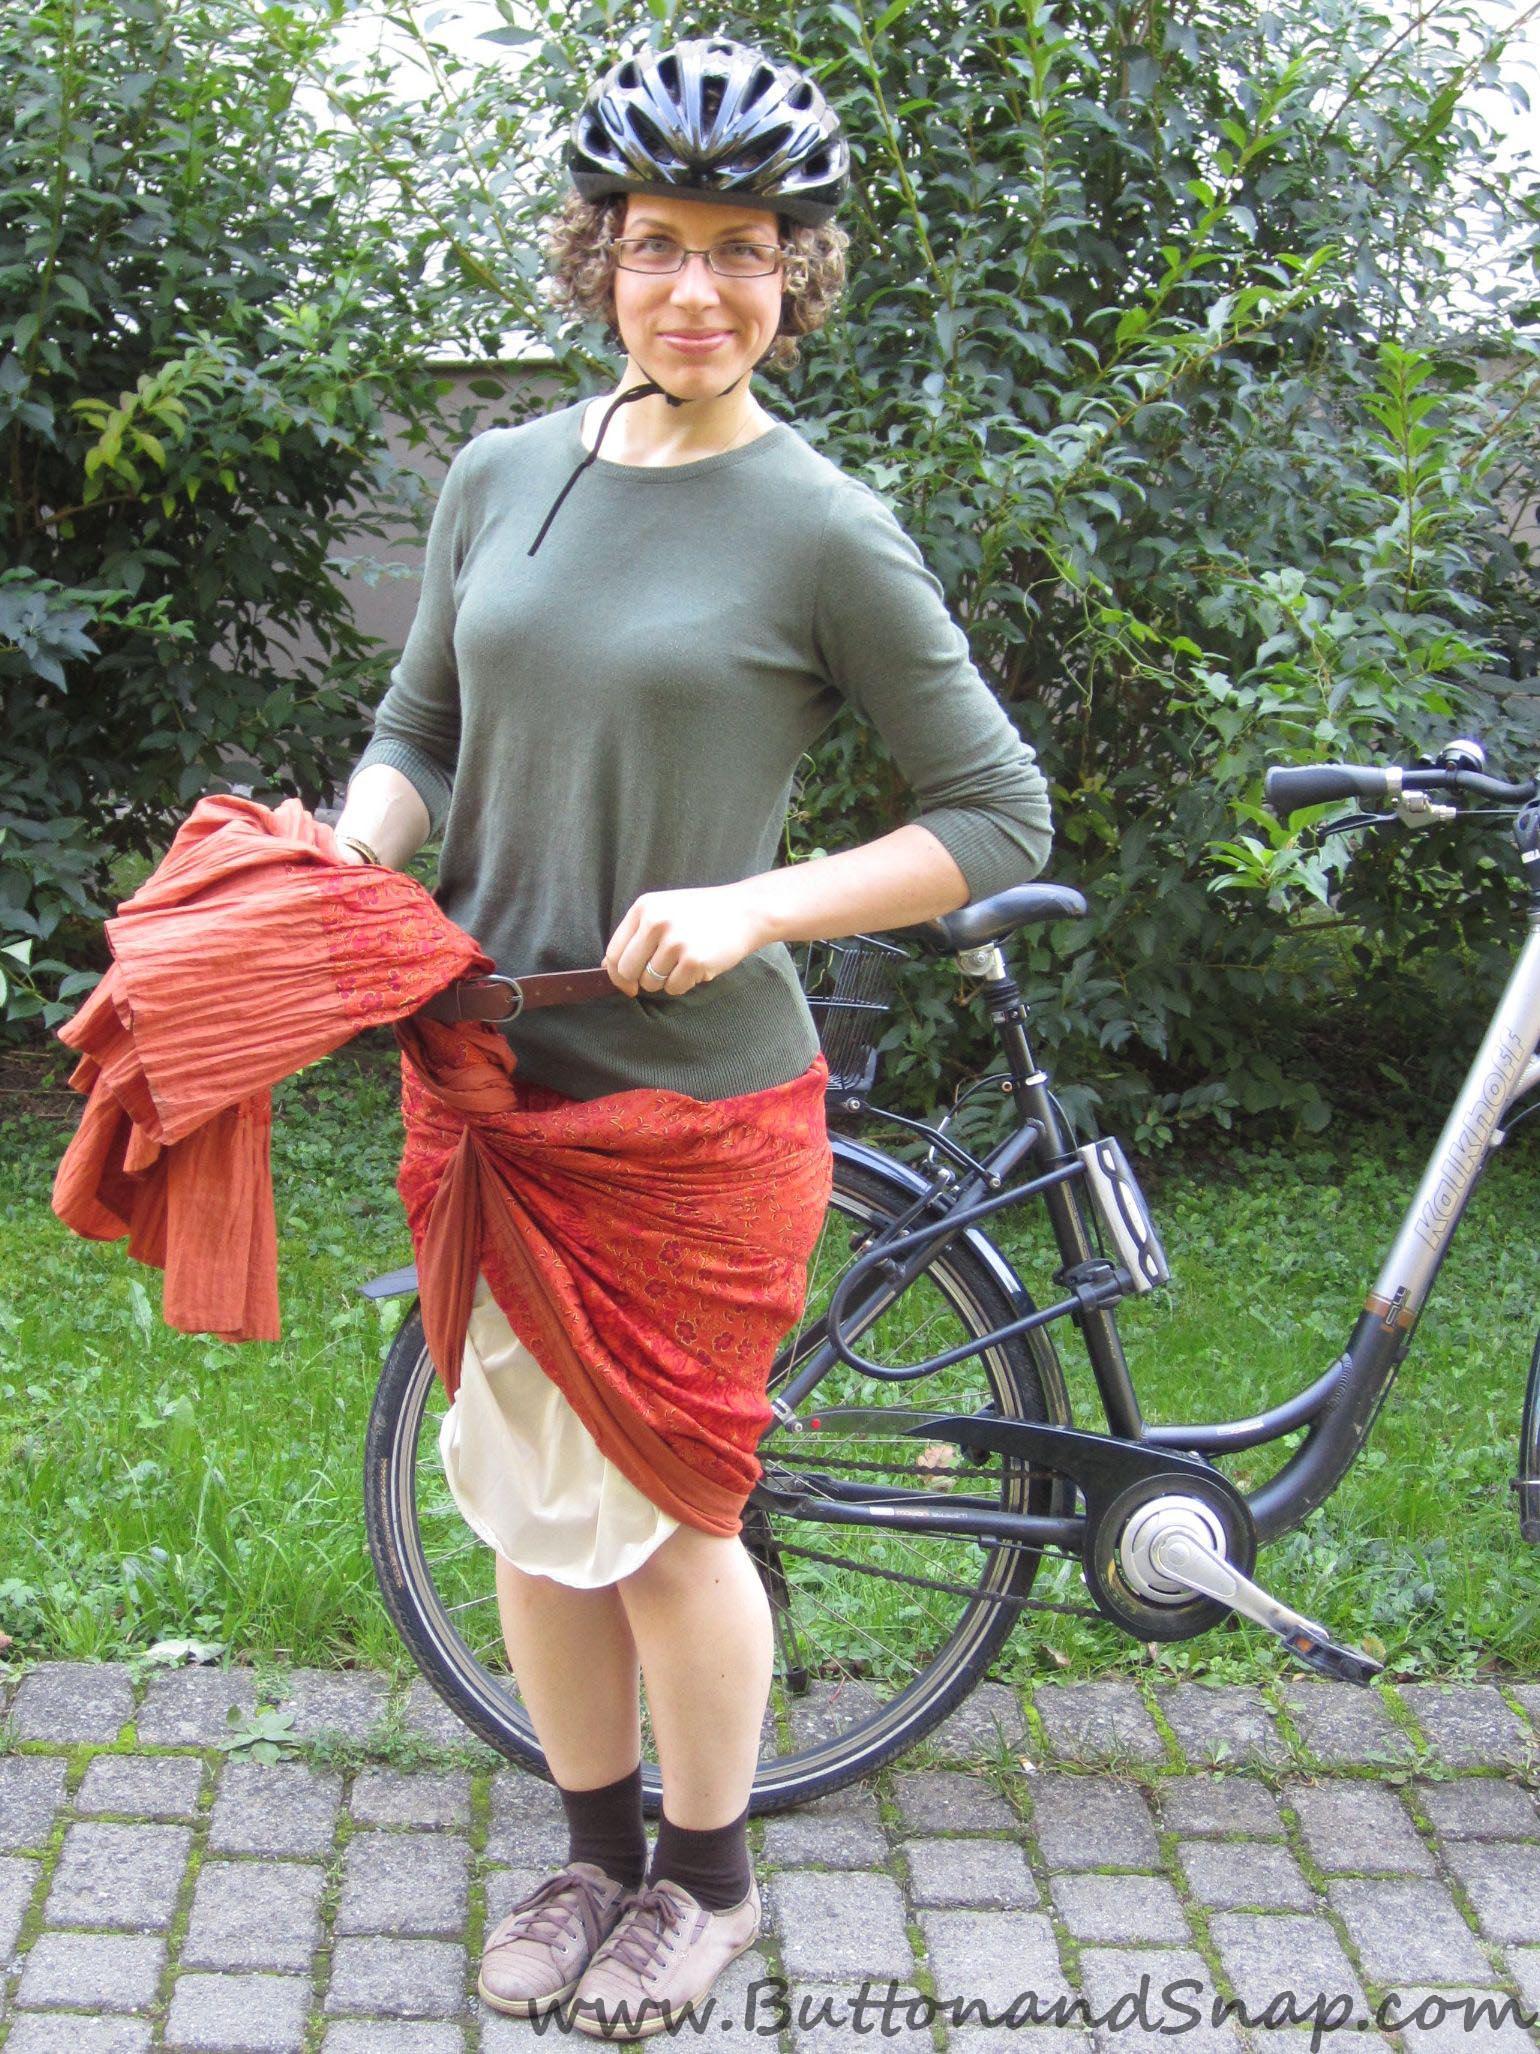 Biking 4